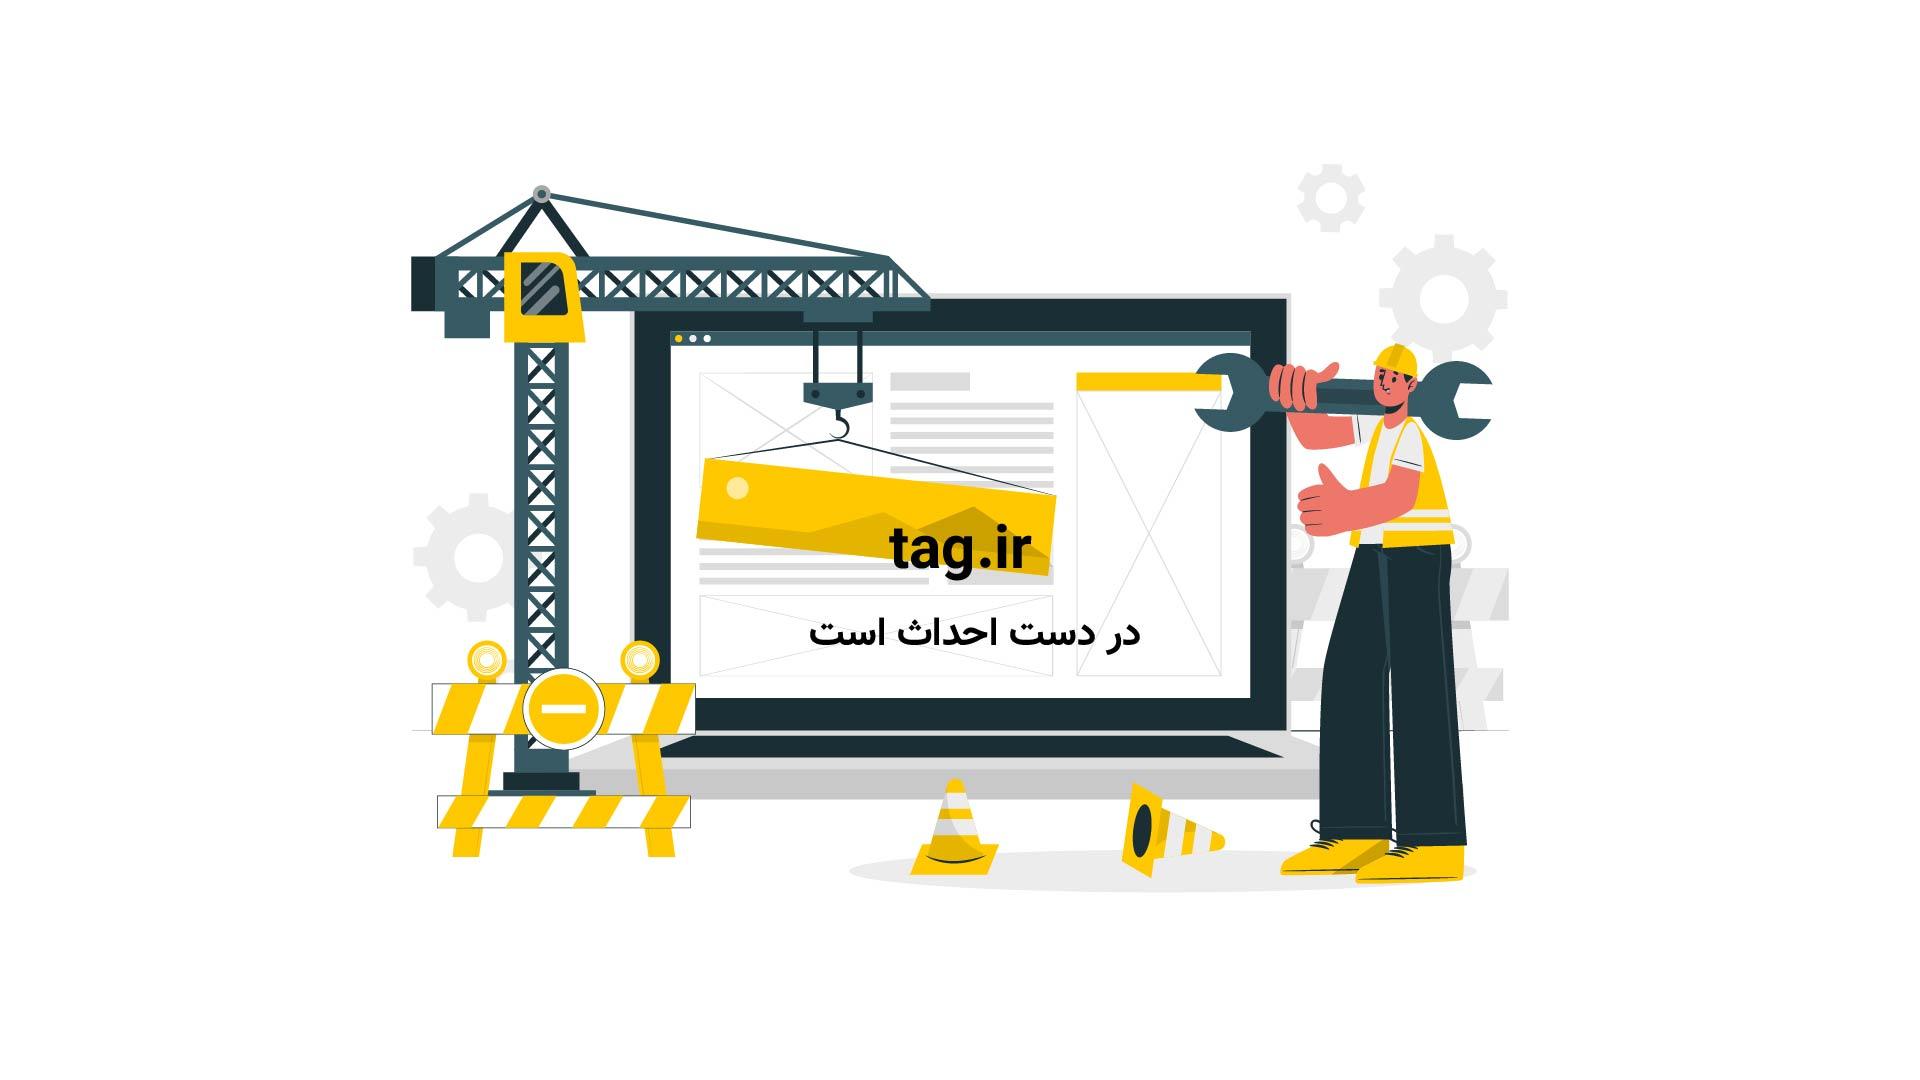 انیمیشن گربه سایمون؛ این قسمت قورباغه بداخلاق | فیلم